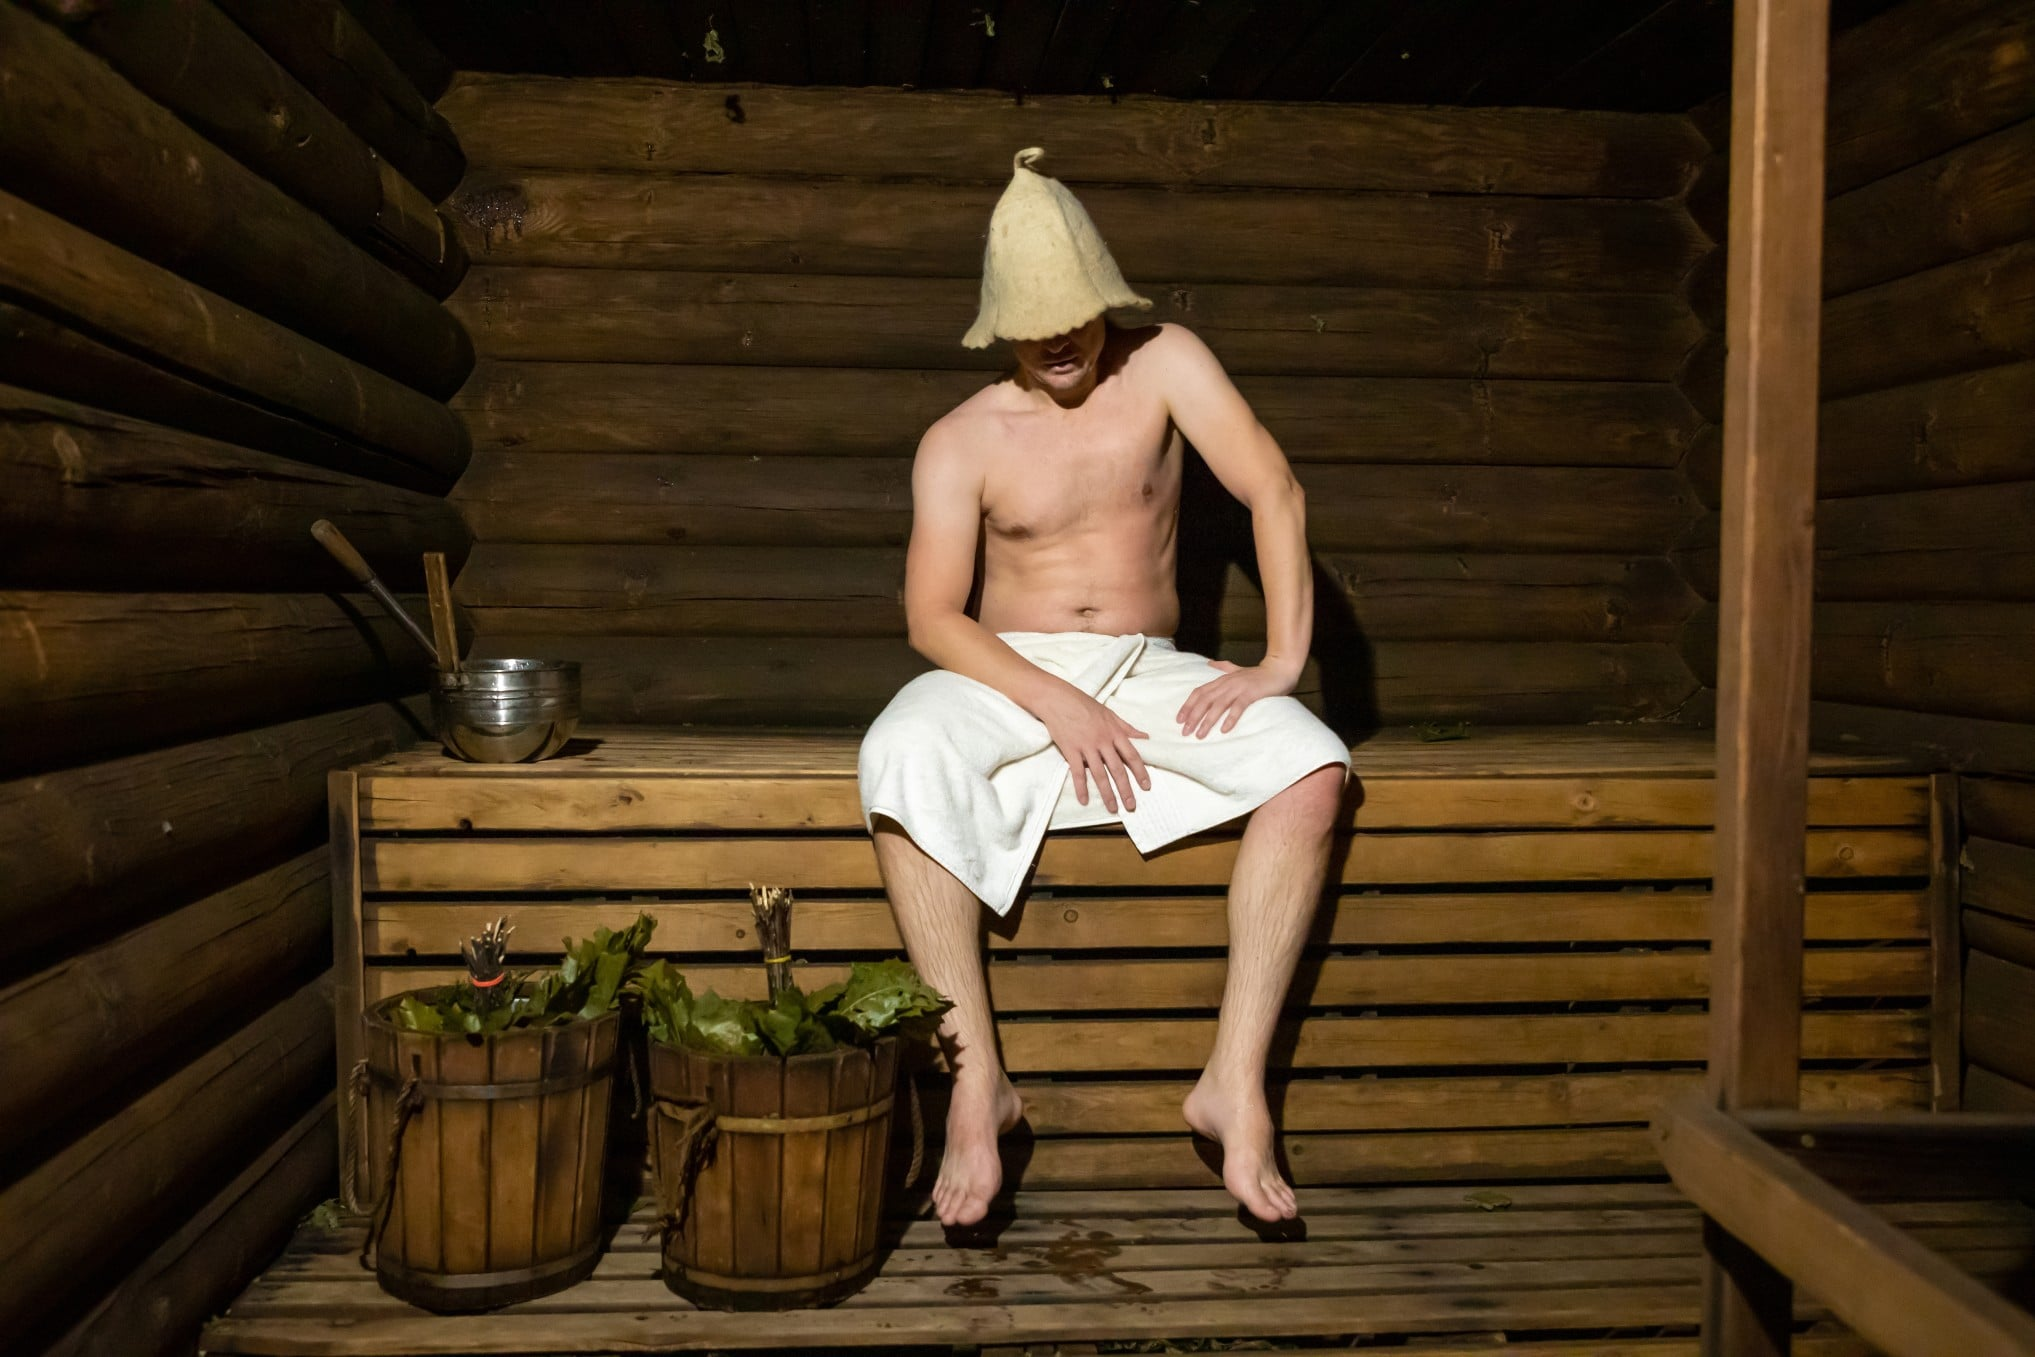 Eine Sauna daheim bringt Entspannung und Wohlbefinden. Foto: tdyuvbanova via Twenty20